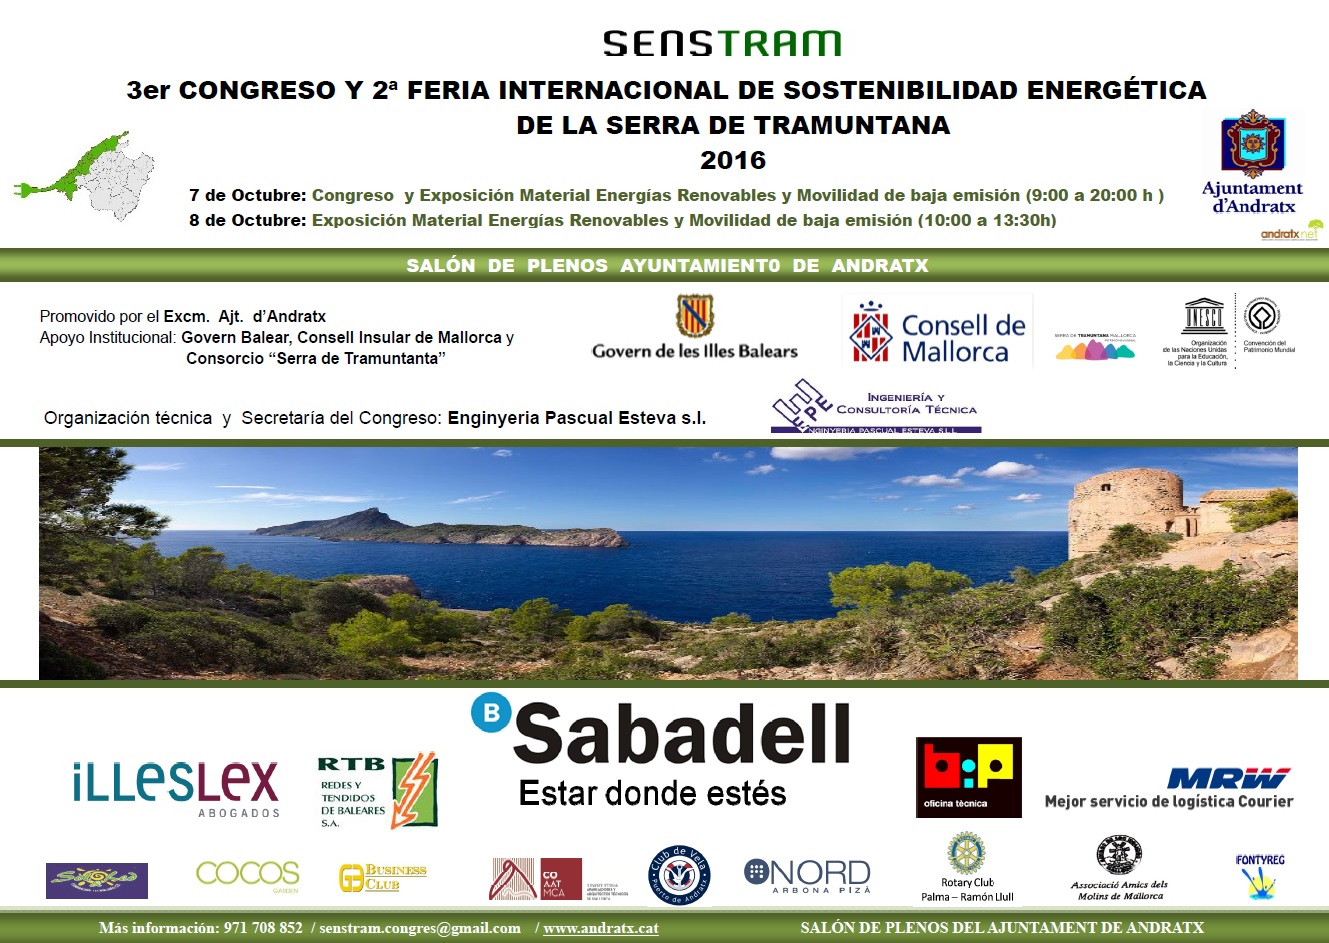 III Congreso Internacional de Sostenibilidad Energética Serra de Tramuntana